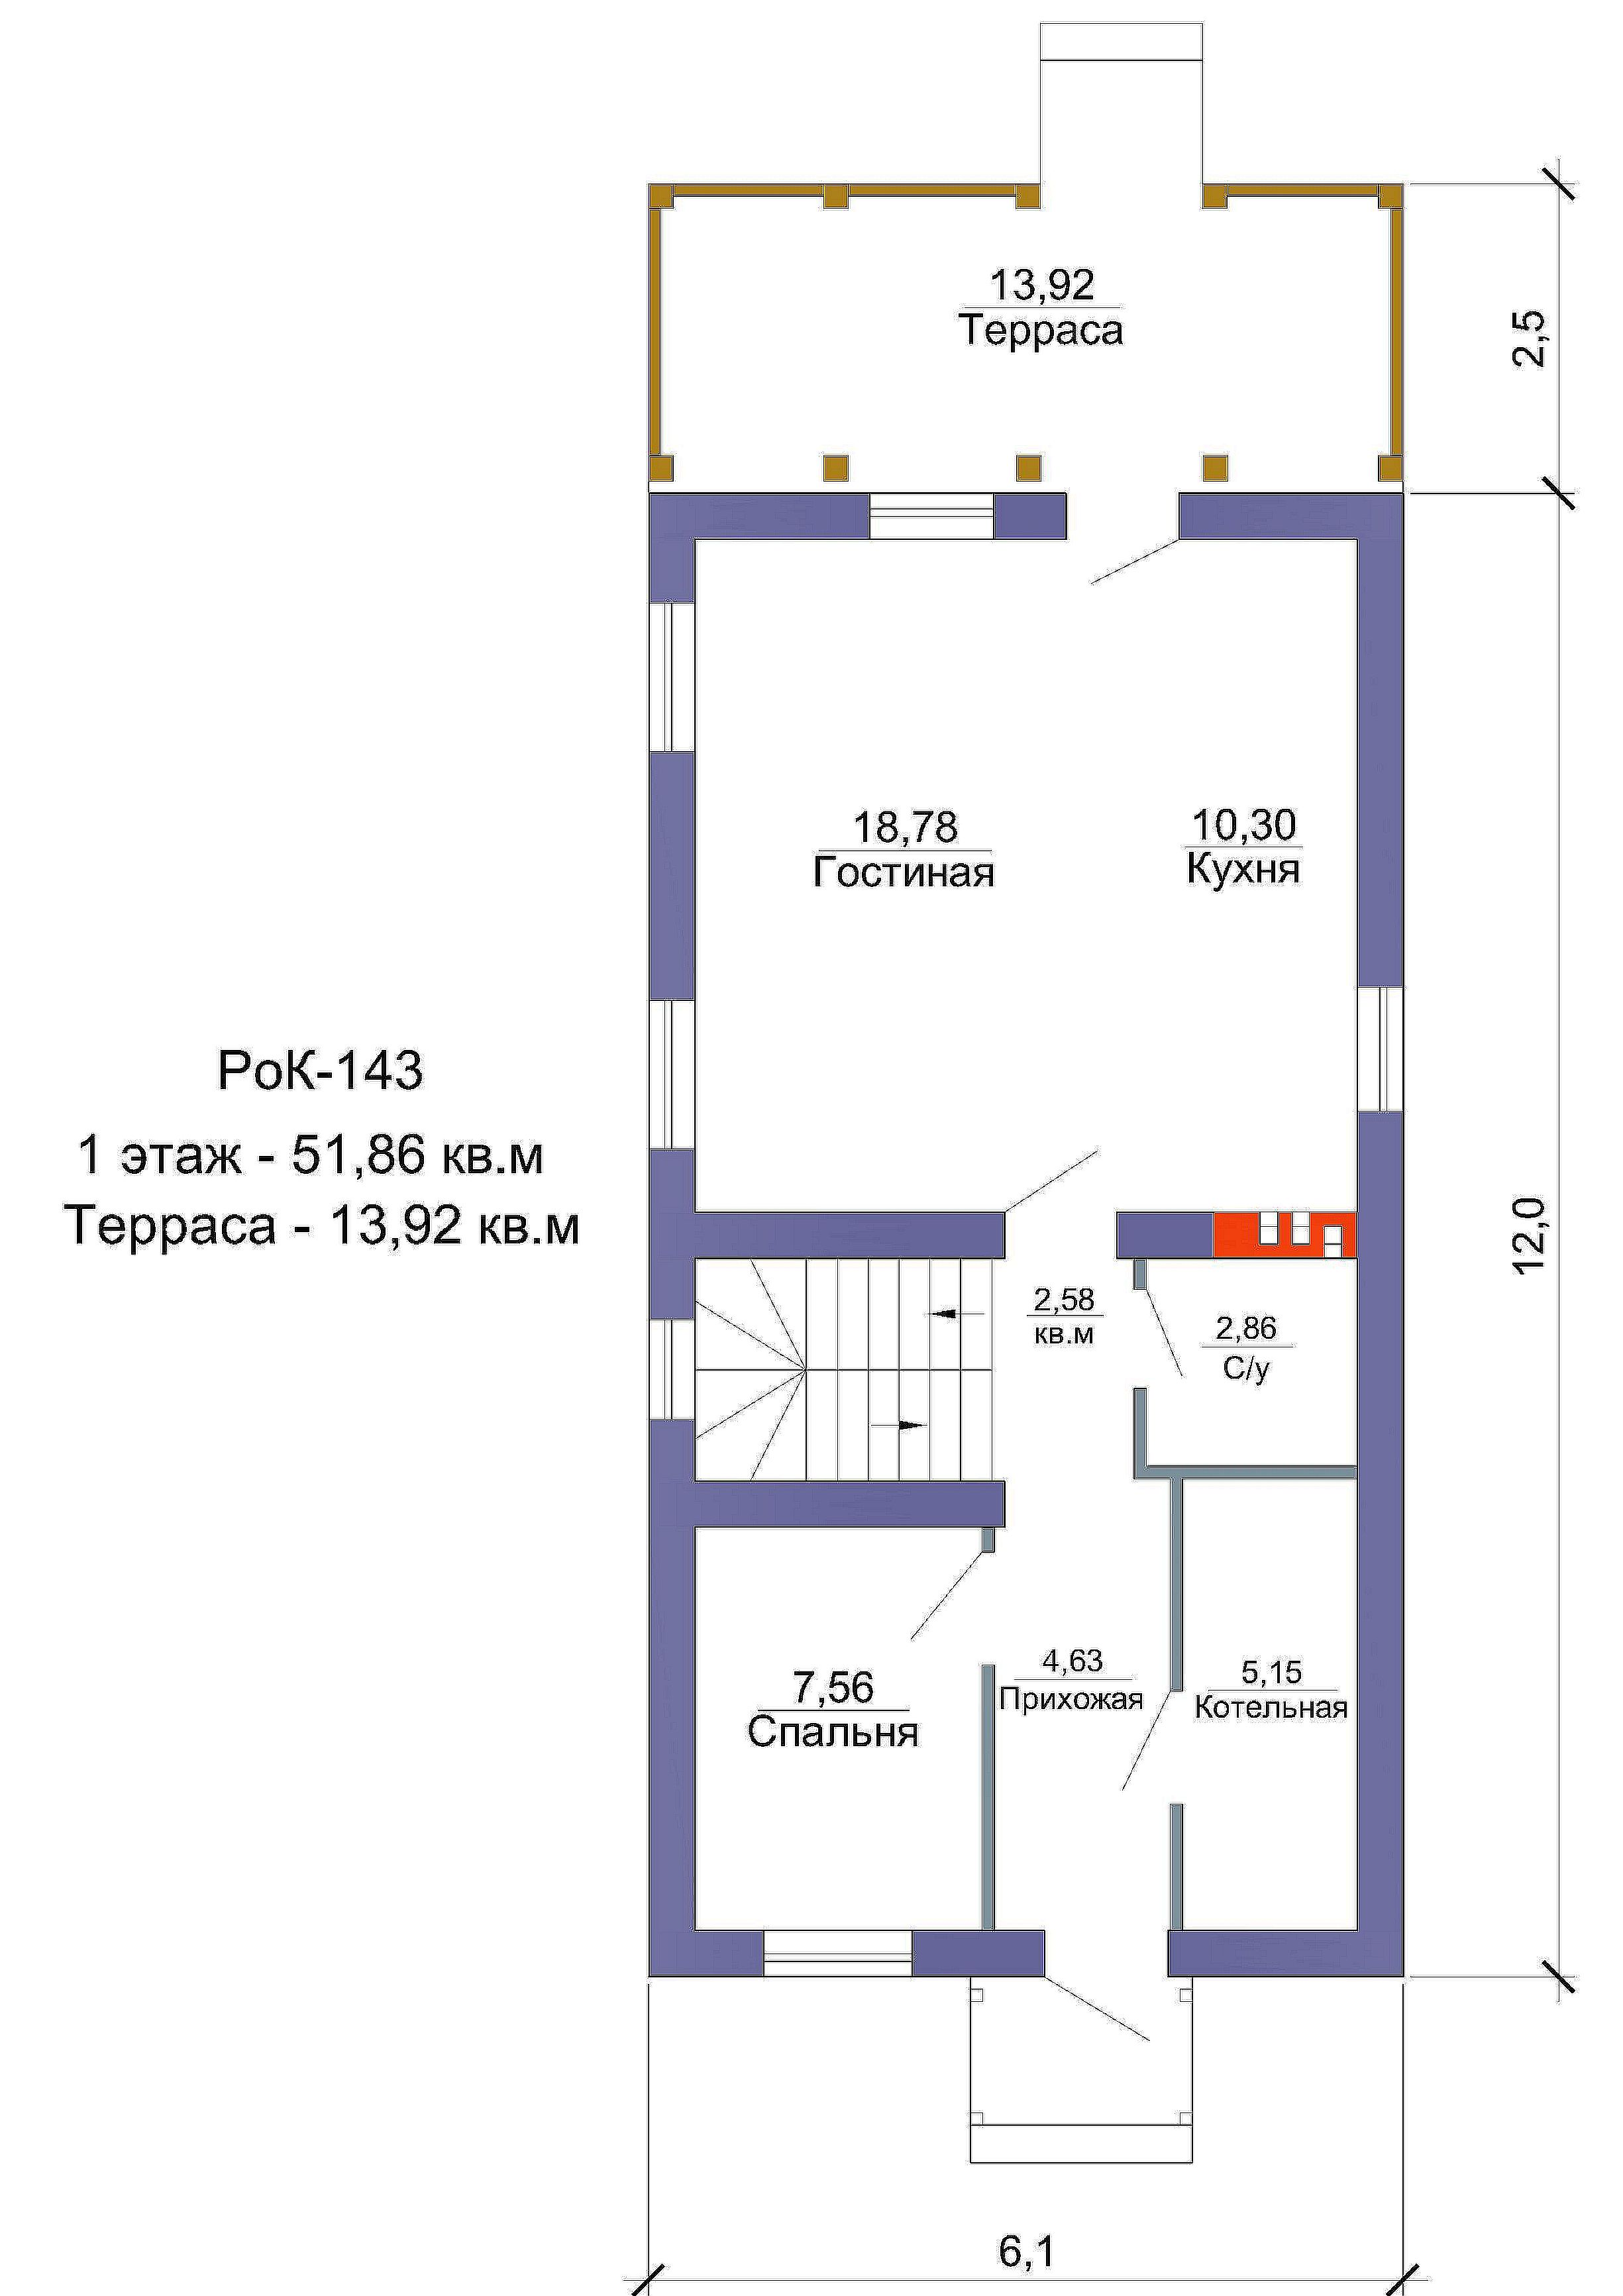 Проект дома для узкого участка - 104 кв.м /Рок-143 план